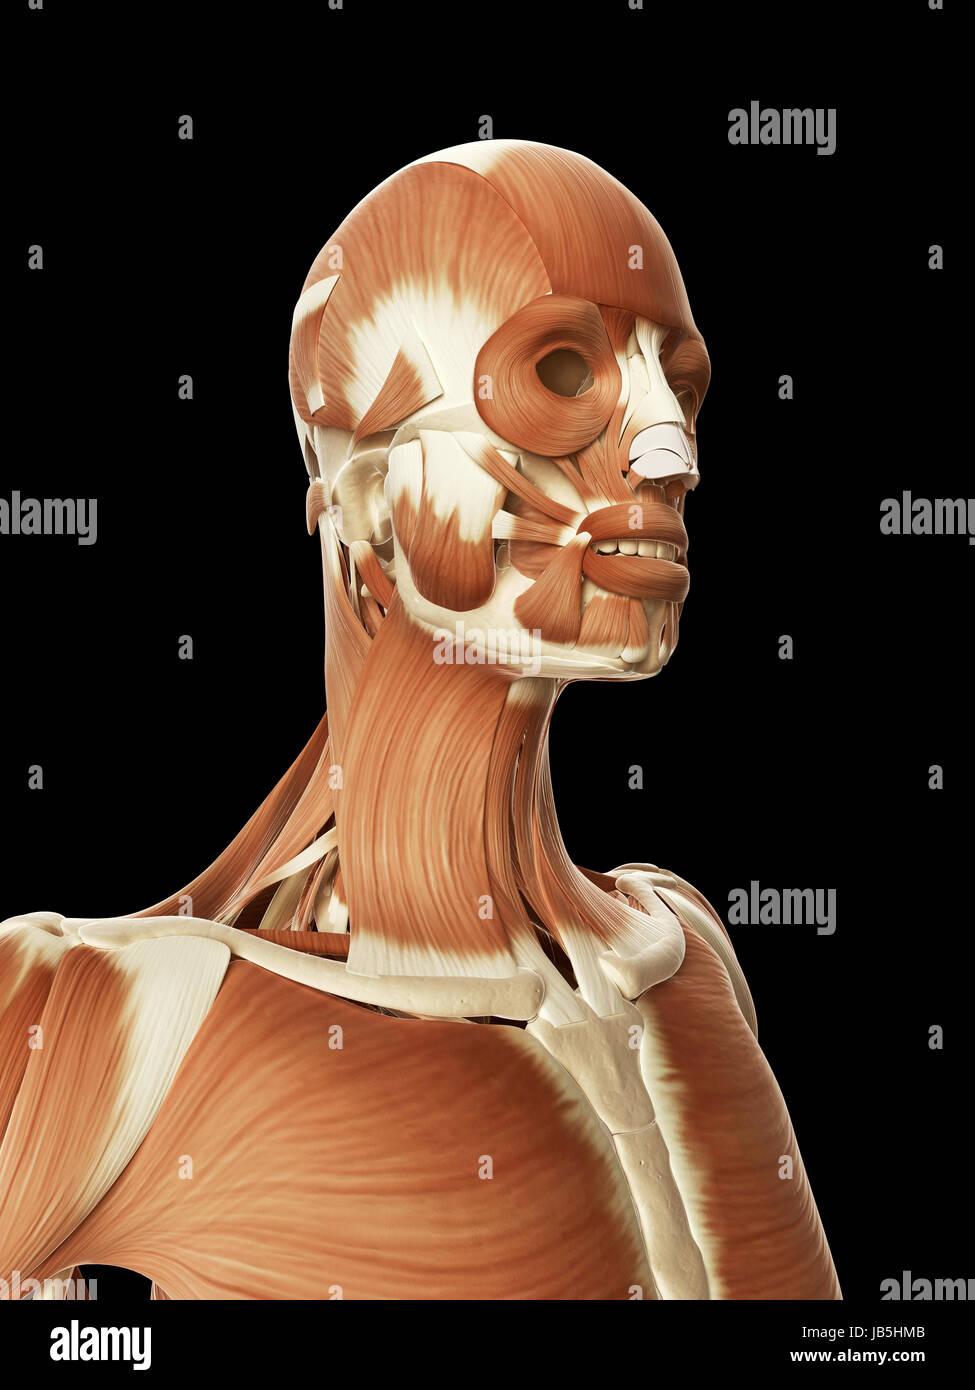 Schön Menschliches Gesicht Muskelanatomie Fotos - Menschliche ...